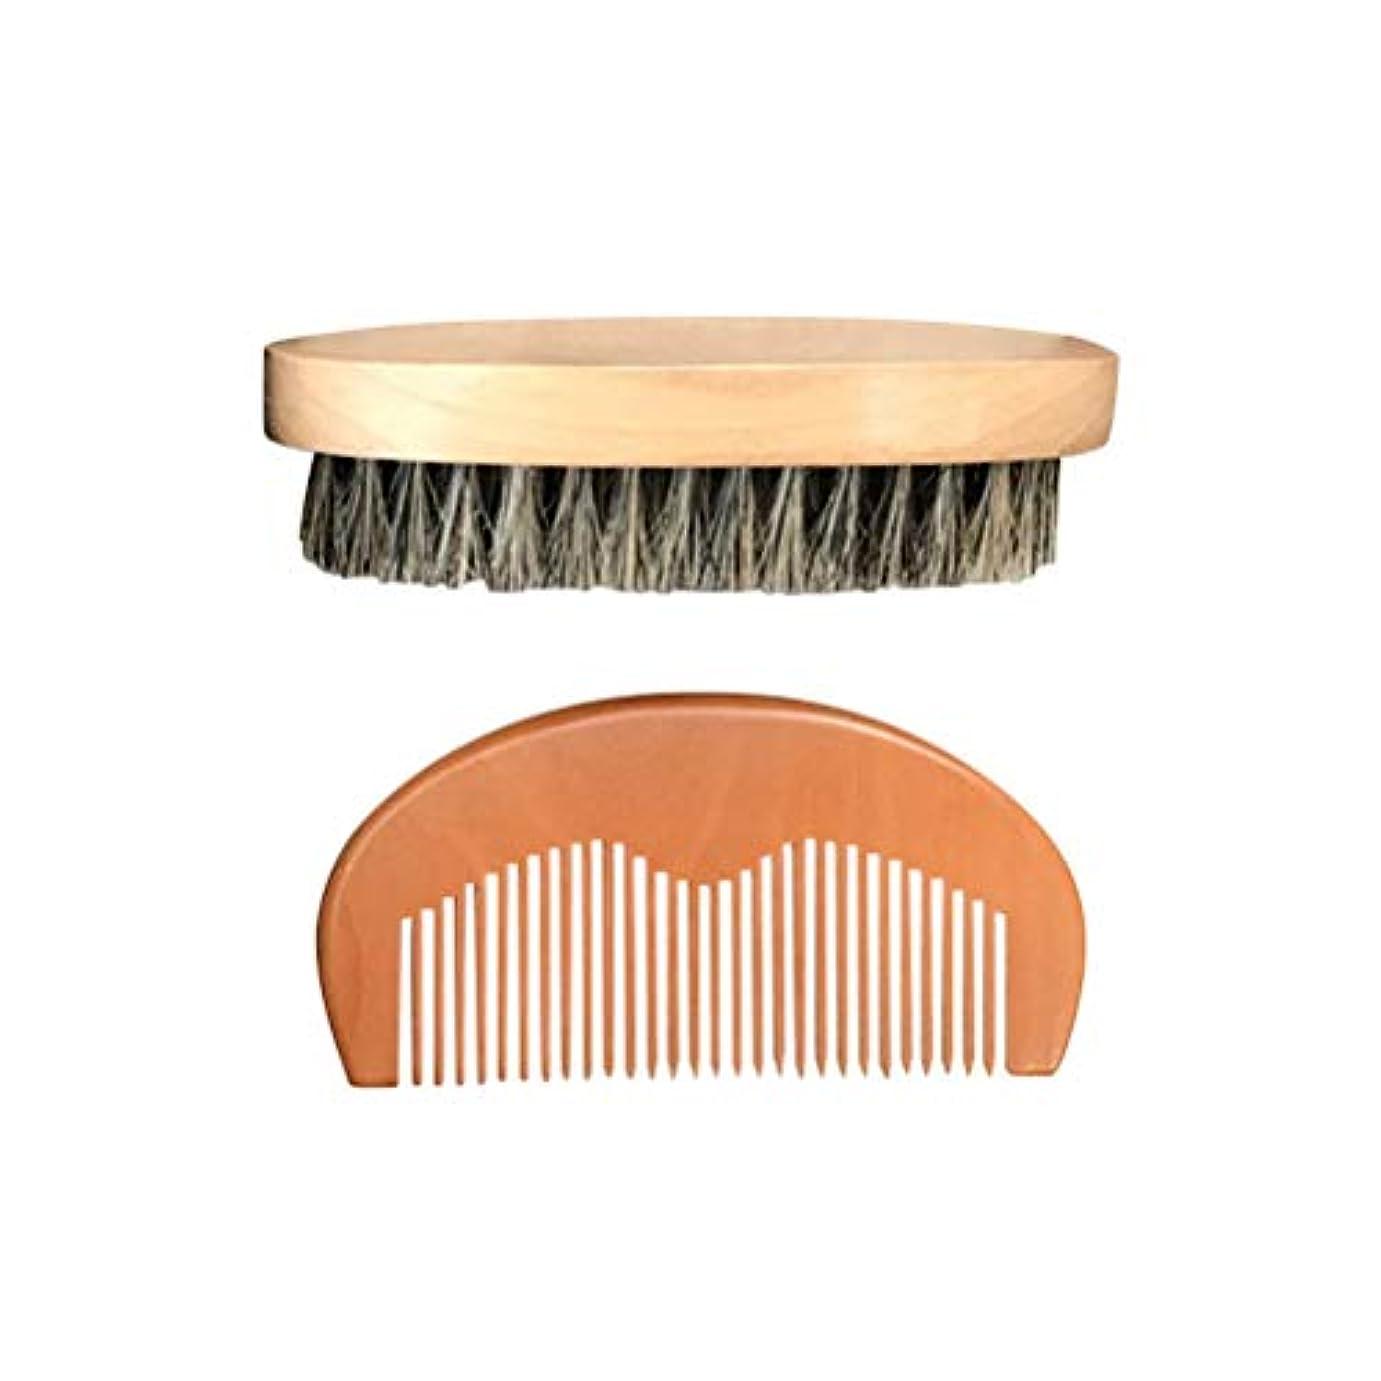 見落とすルーキー将来のSUPVOX 2本の木製のひげの櫛およびブラシのキットの口ひげの櫛のひげのグルーミングブラシ